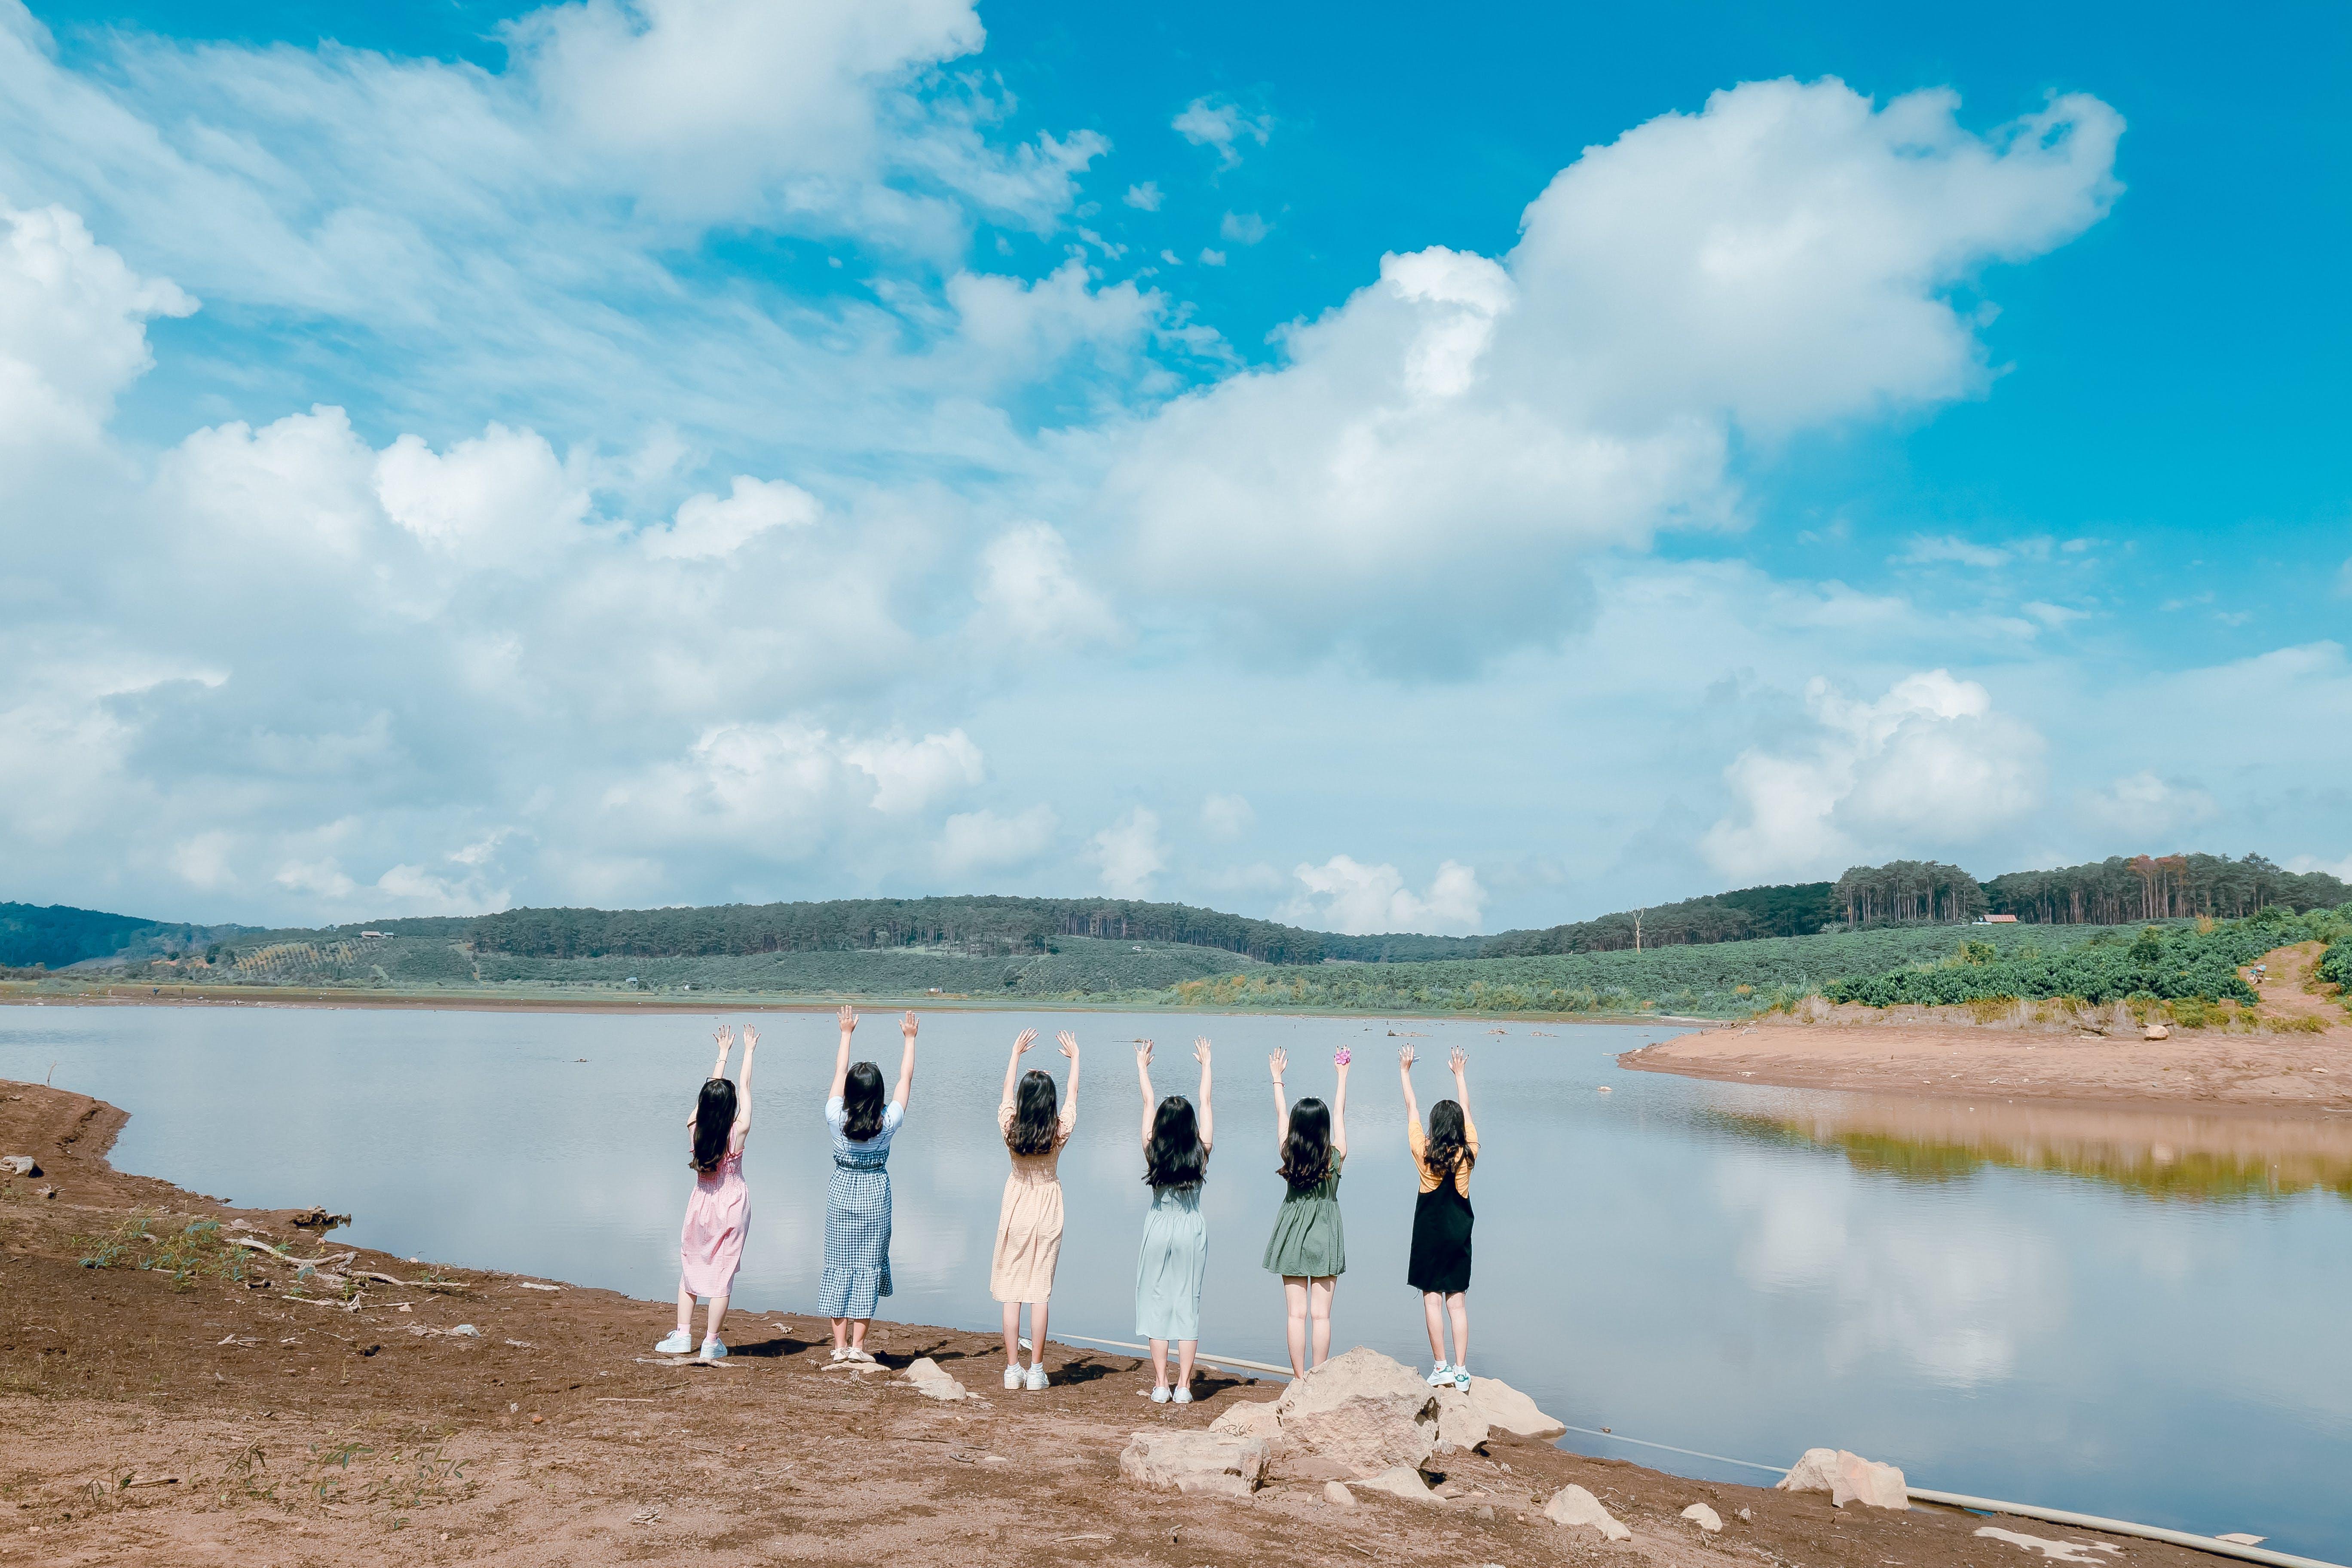 Six Women Raising Their Both Hands